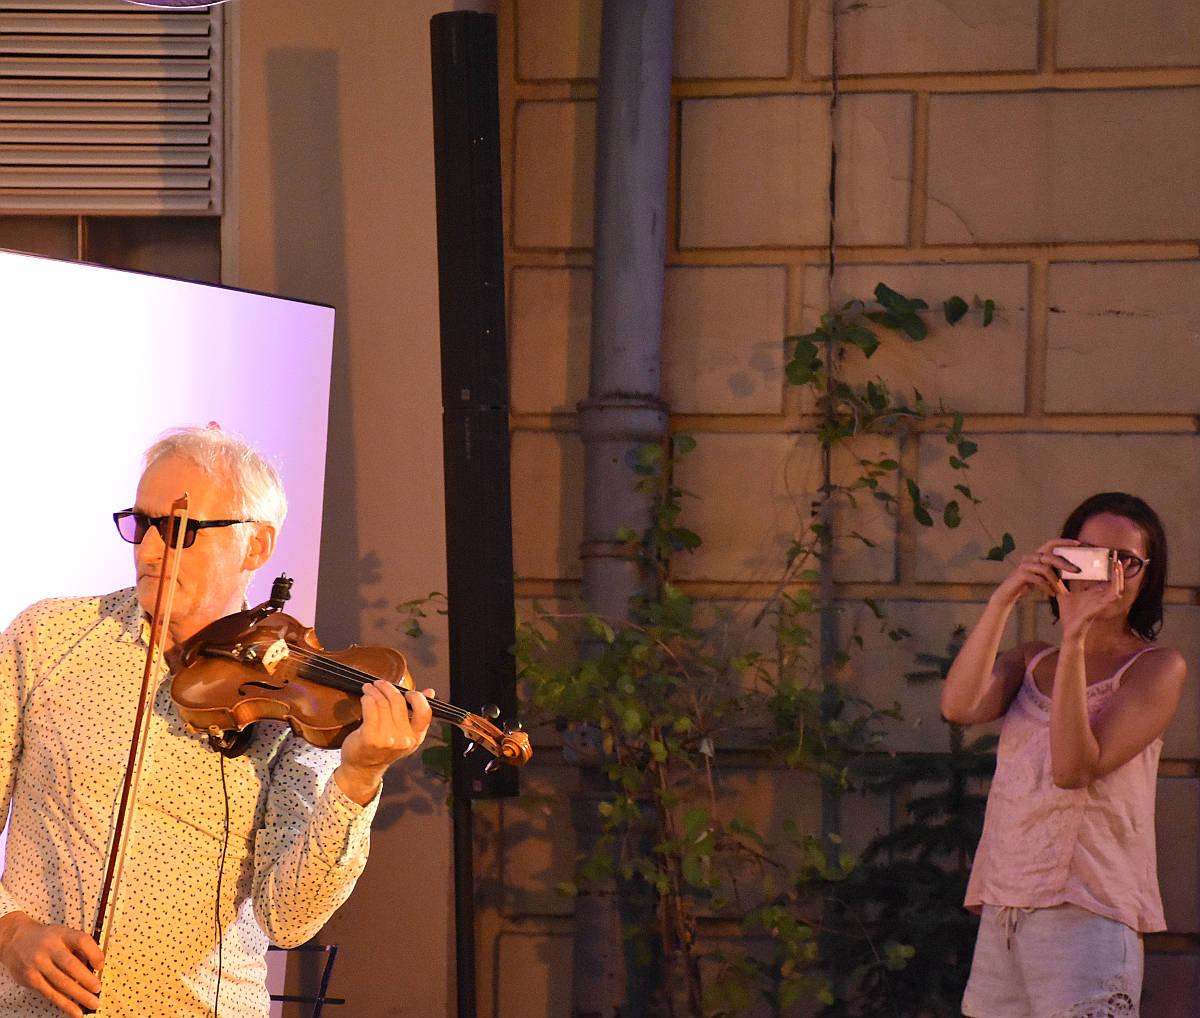 Koncert Finałowy XXII Letniego Festiwalu Jazzowego – relacja i fotorelacja